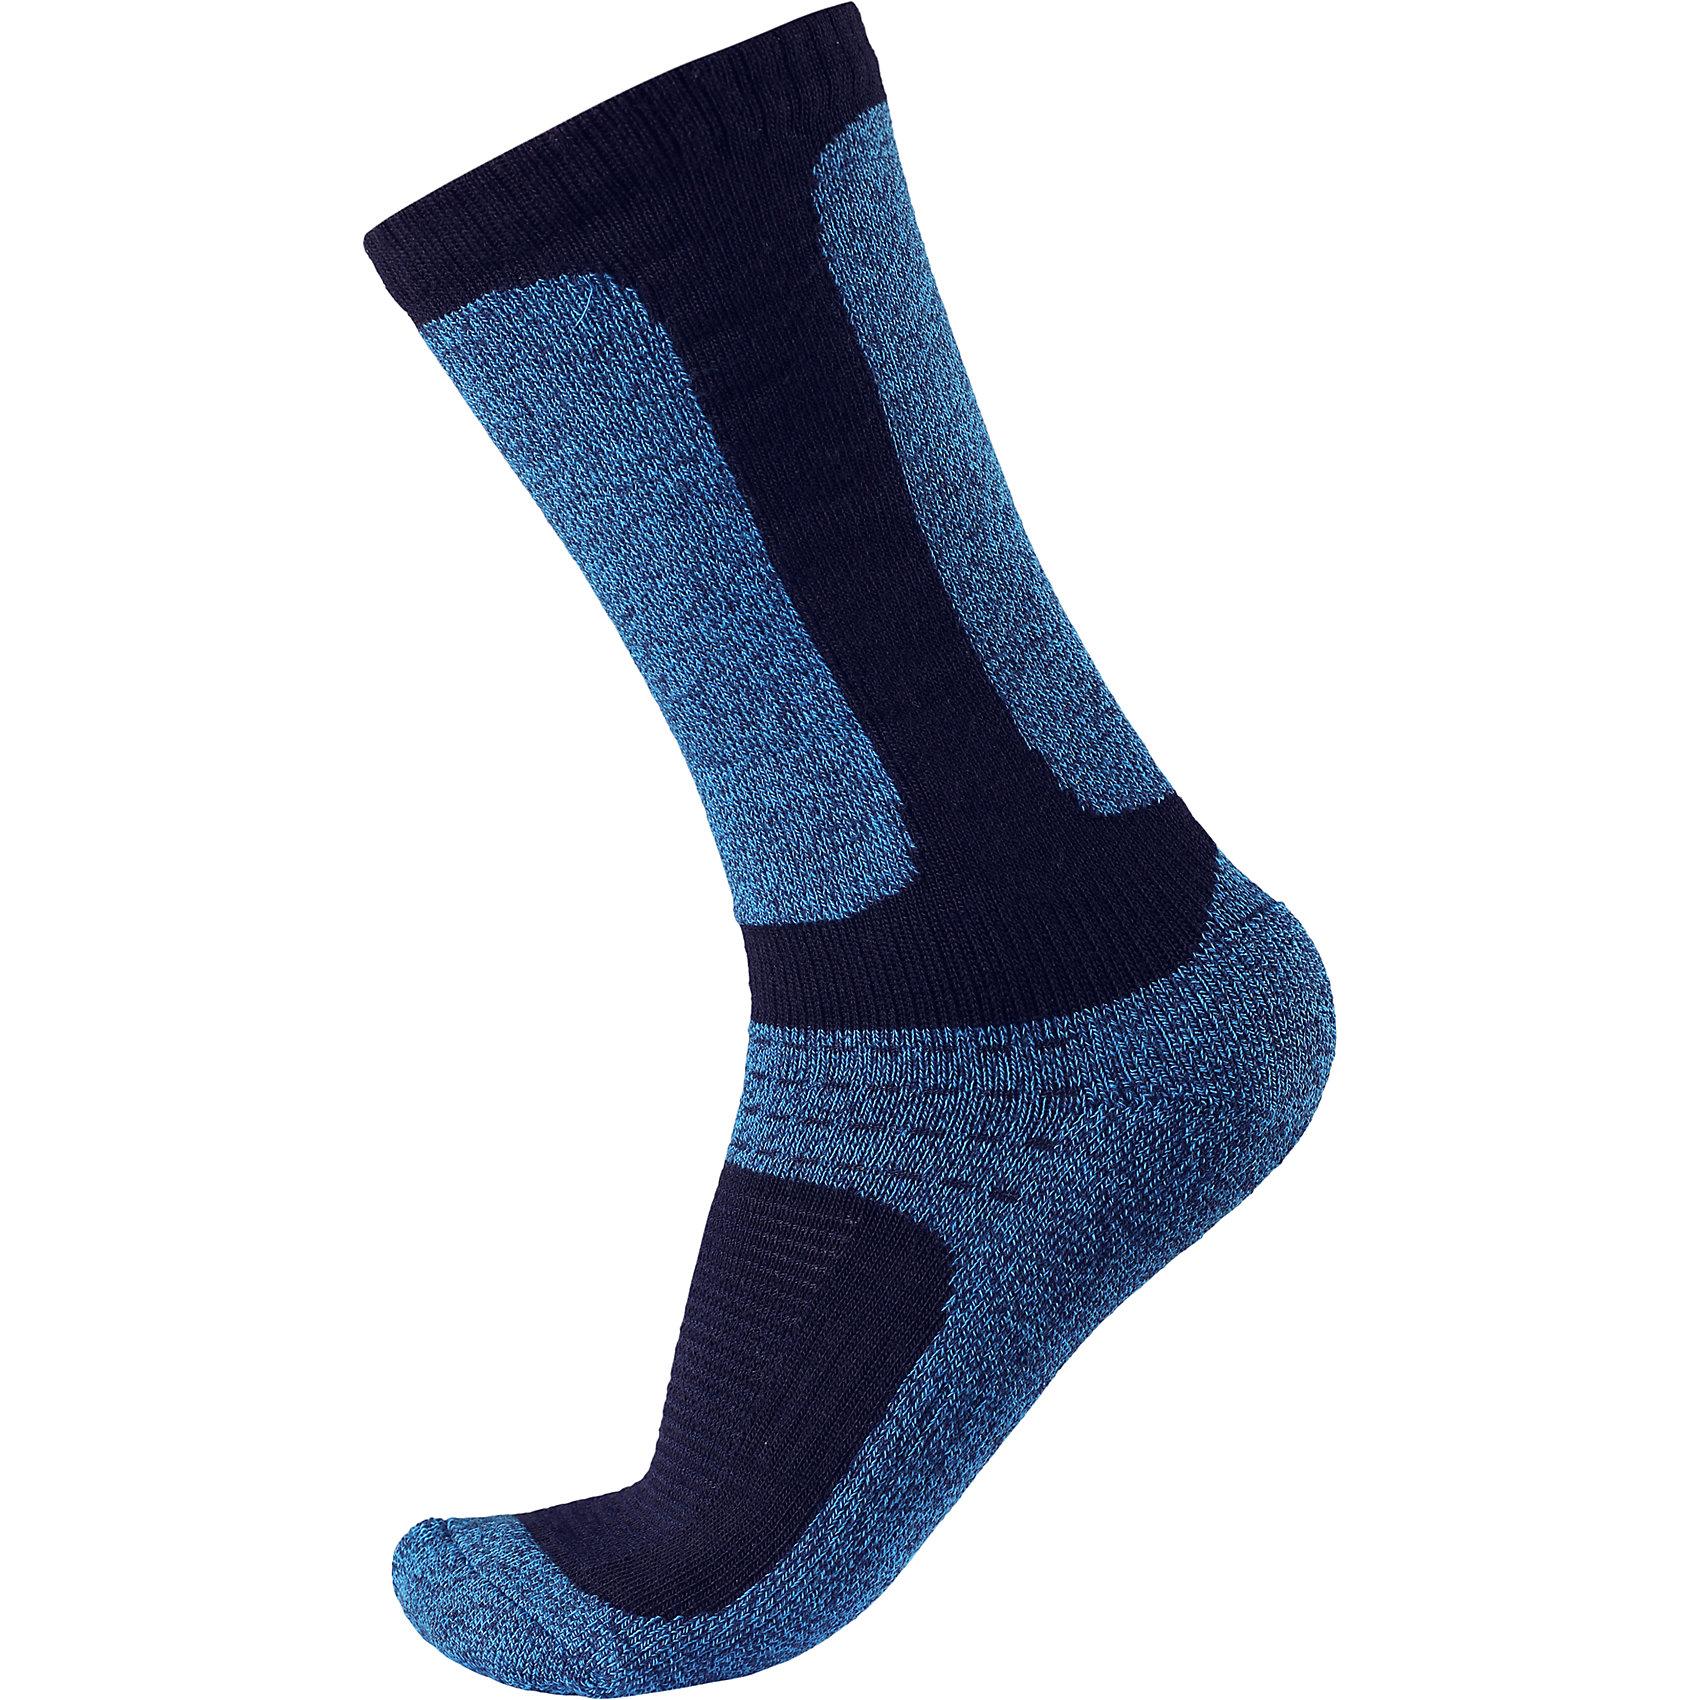 Носки Loma для мальчика ReimaНоски<br>Носки  Reima<br>Носки для детей и подростков. Coolmax® отводит влагу, а шерсть сохраняет тепло. Мягкий теплый футер с внутренней стороны для максимального комфорта. Накладки на ступнях, лодыжках и больших пальцах. Благодаря удлиненной вязаной резинке носок не съезжает. Быстро сохнет и сохраняет тепло.<br>Уход:<br>0<br>Состав:<br>24% Шерсть, 66% полиэстер COOLMAX®, 5% эластан, 5% полиамид<br><br>Ширина мм: 87<br>Глубина мм: 10<br>Высота мм: 105<br>Вес г: 115<br>Цвет: синий<br>Возраст от месяцев: 72<br>Возраст до месяцев: 84<br>Пол: Мужской<br>Возраст: Детский<br>Размер: 30,26,34,38<br>SKU: 4774960